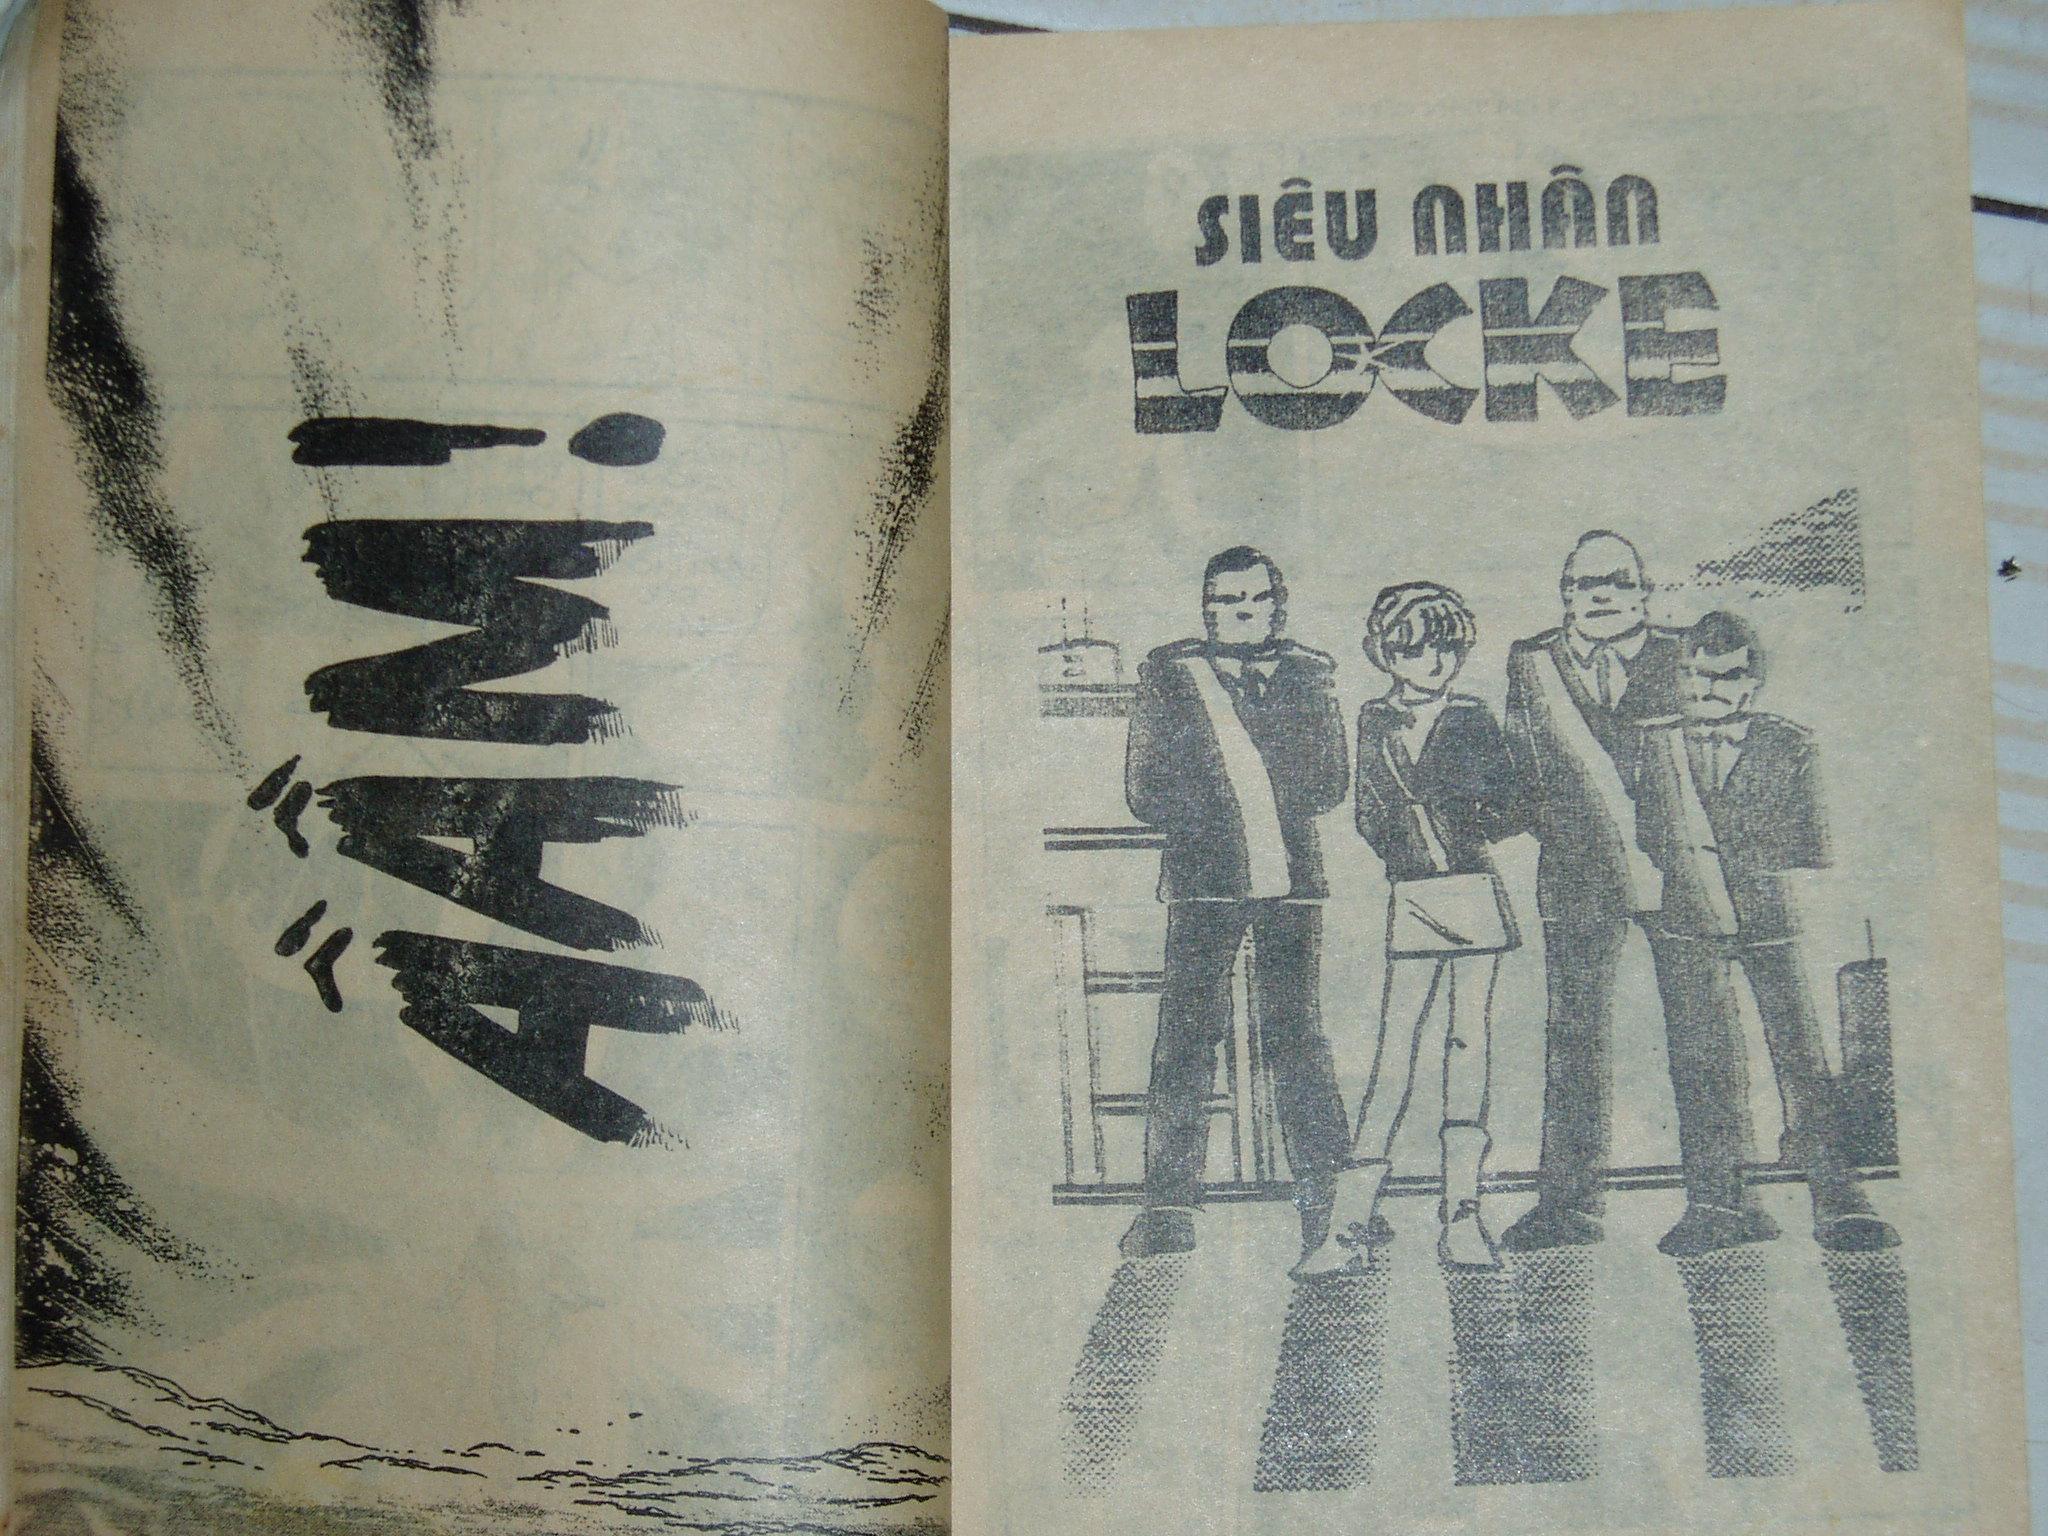 Siêu nhân Locke vol 13 trang 16